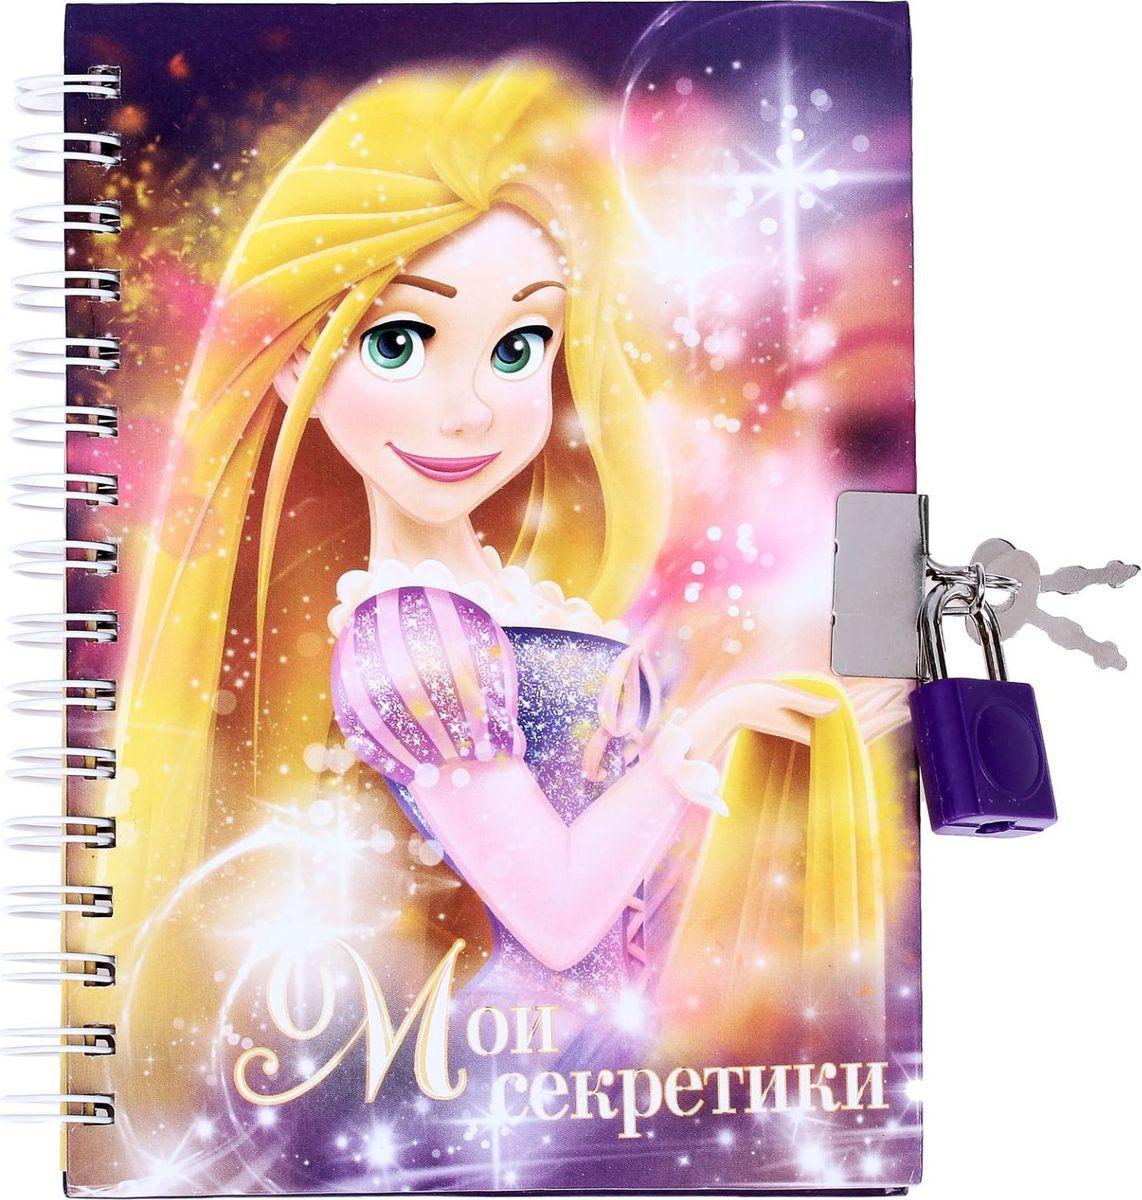 Disney Записная книжка Принцессы Рапунцель Мои секретики 50 листов1502003Посекретничаем? Сокровенные мысли вашей принцессы будут храниться в тайне вместе с нашей новой разработкой. Записная книжка изготовлена из бумаги высокого качества и оформлена в стиле любимых мультфильмов Disney. Металлический замок с ключиком надёжно спрячет все секреты от посторонних глаз. Пружина позволяет при необходимости легко избавляться от ненужных листов. Красочный дизайн записной книжки Disney понравится детям и взрослым!